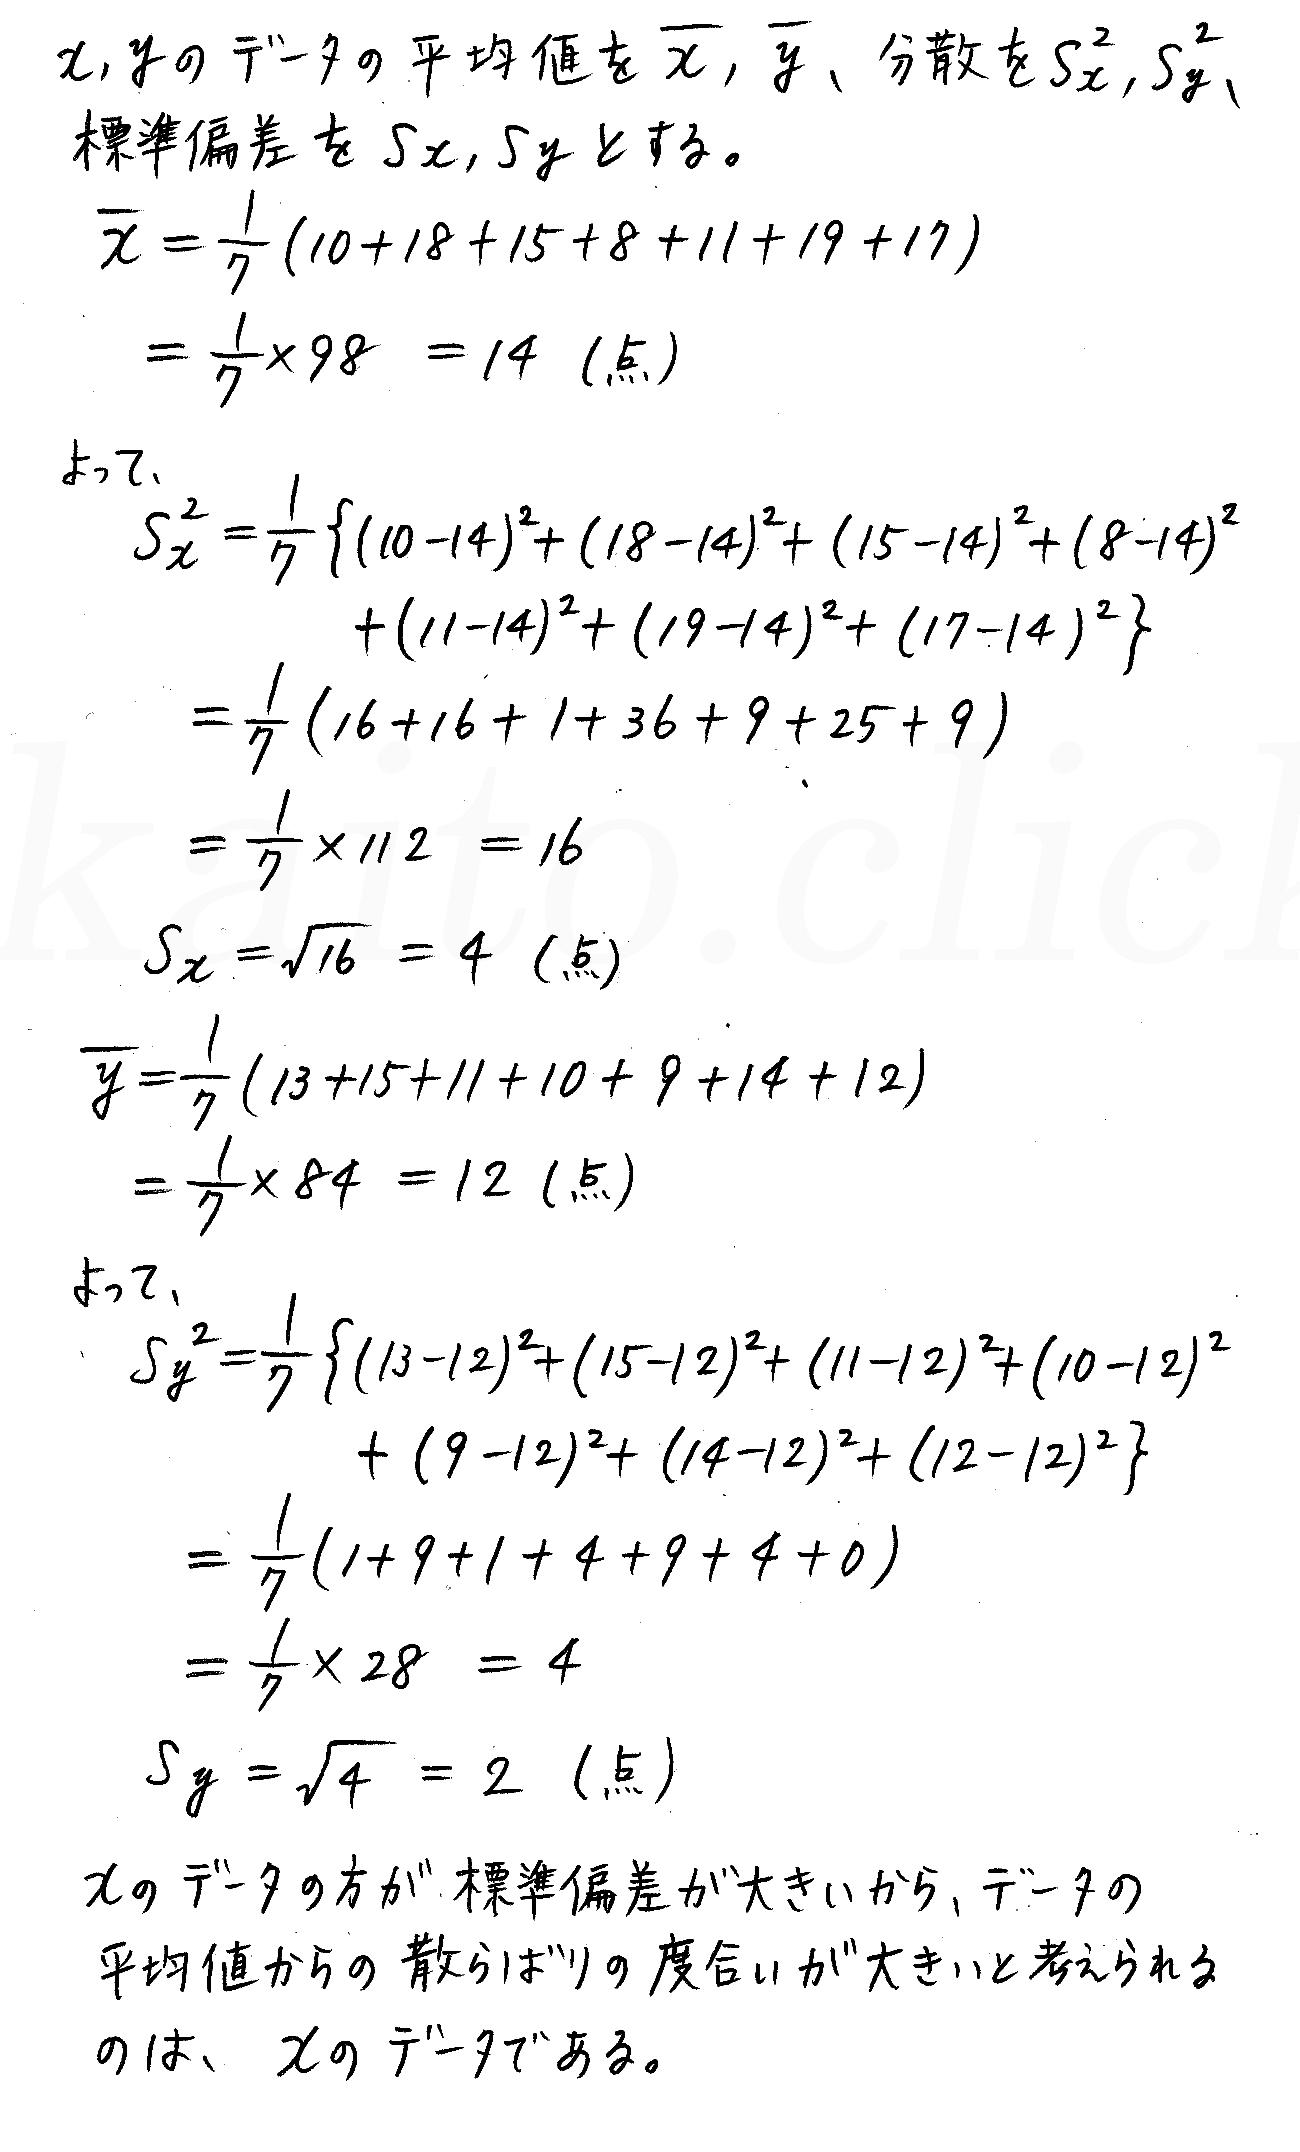 クリアー数学1-352解答